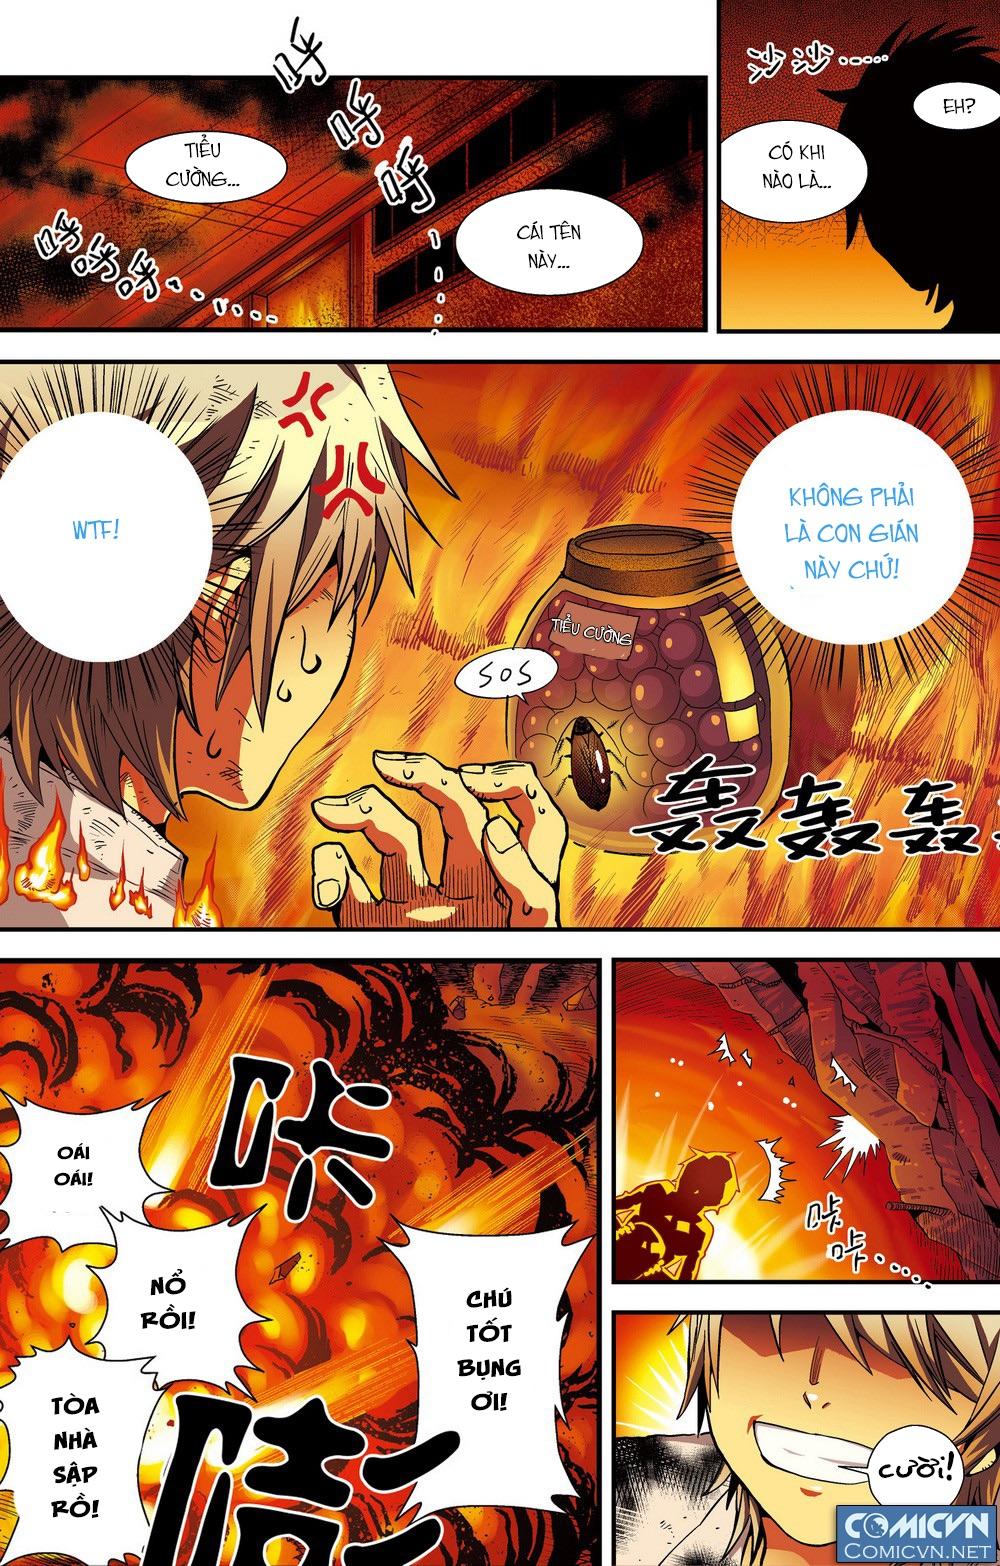 Hồi đáo Minh Triều đương Vương Gia - Chapter 1 - Pic 3